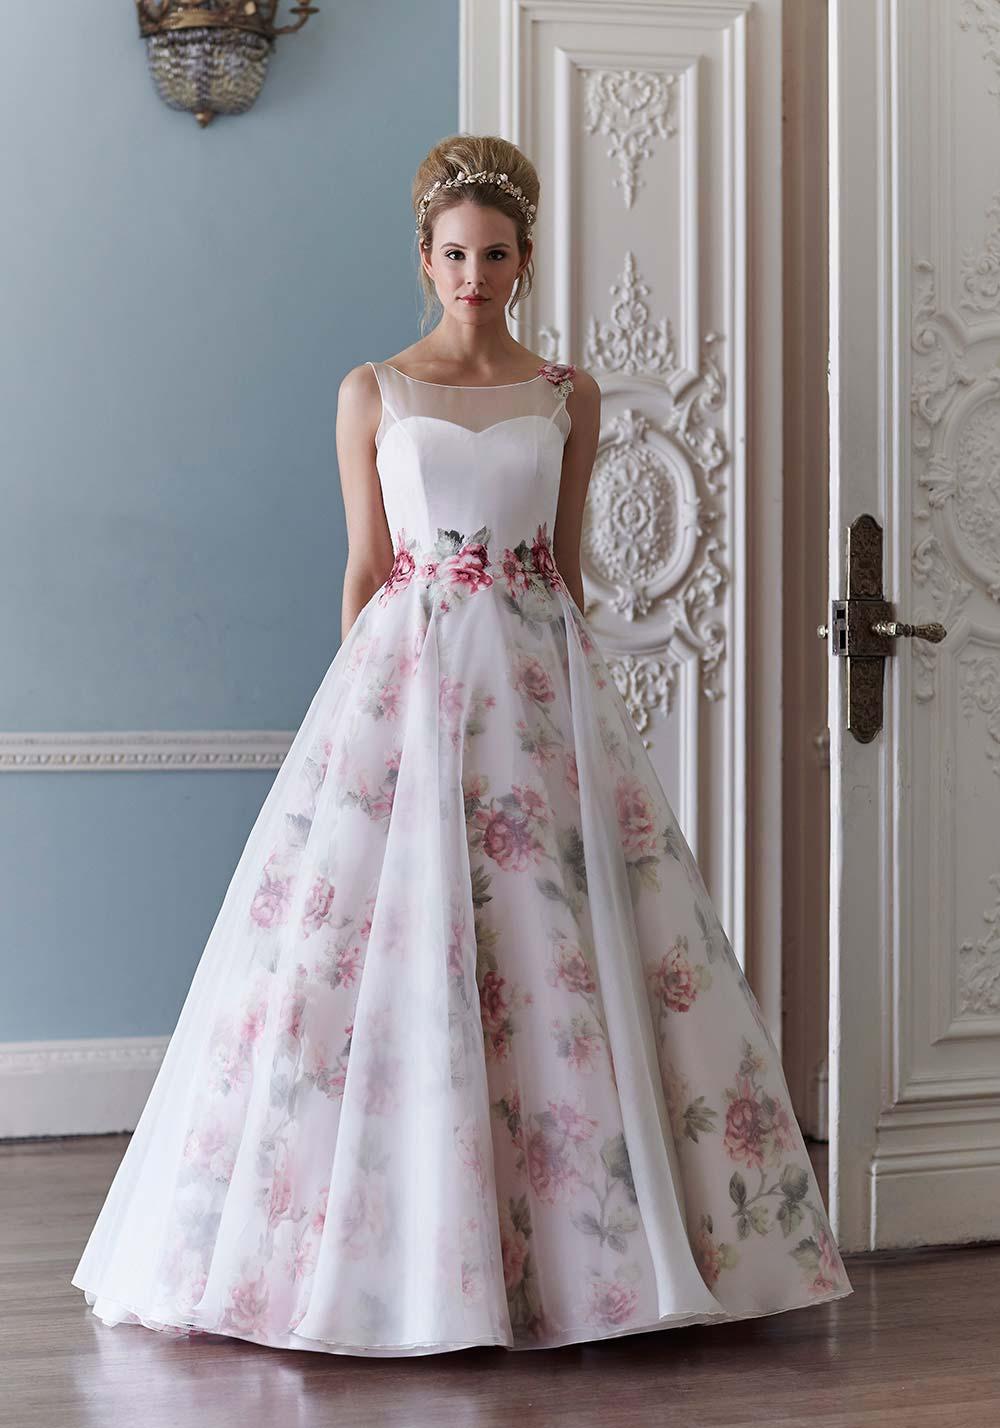 Šaty.....Zaujímavé, originálne, či extravagantné? - Obrázok č. 97